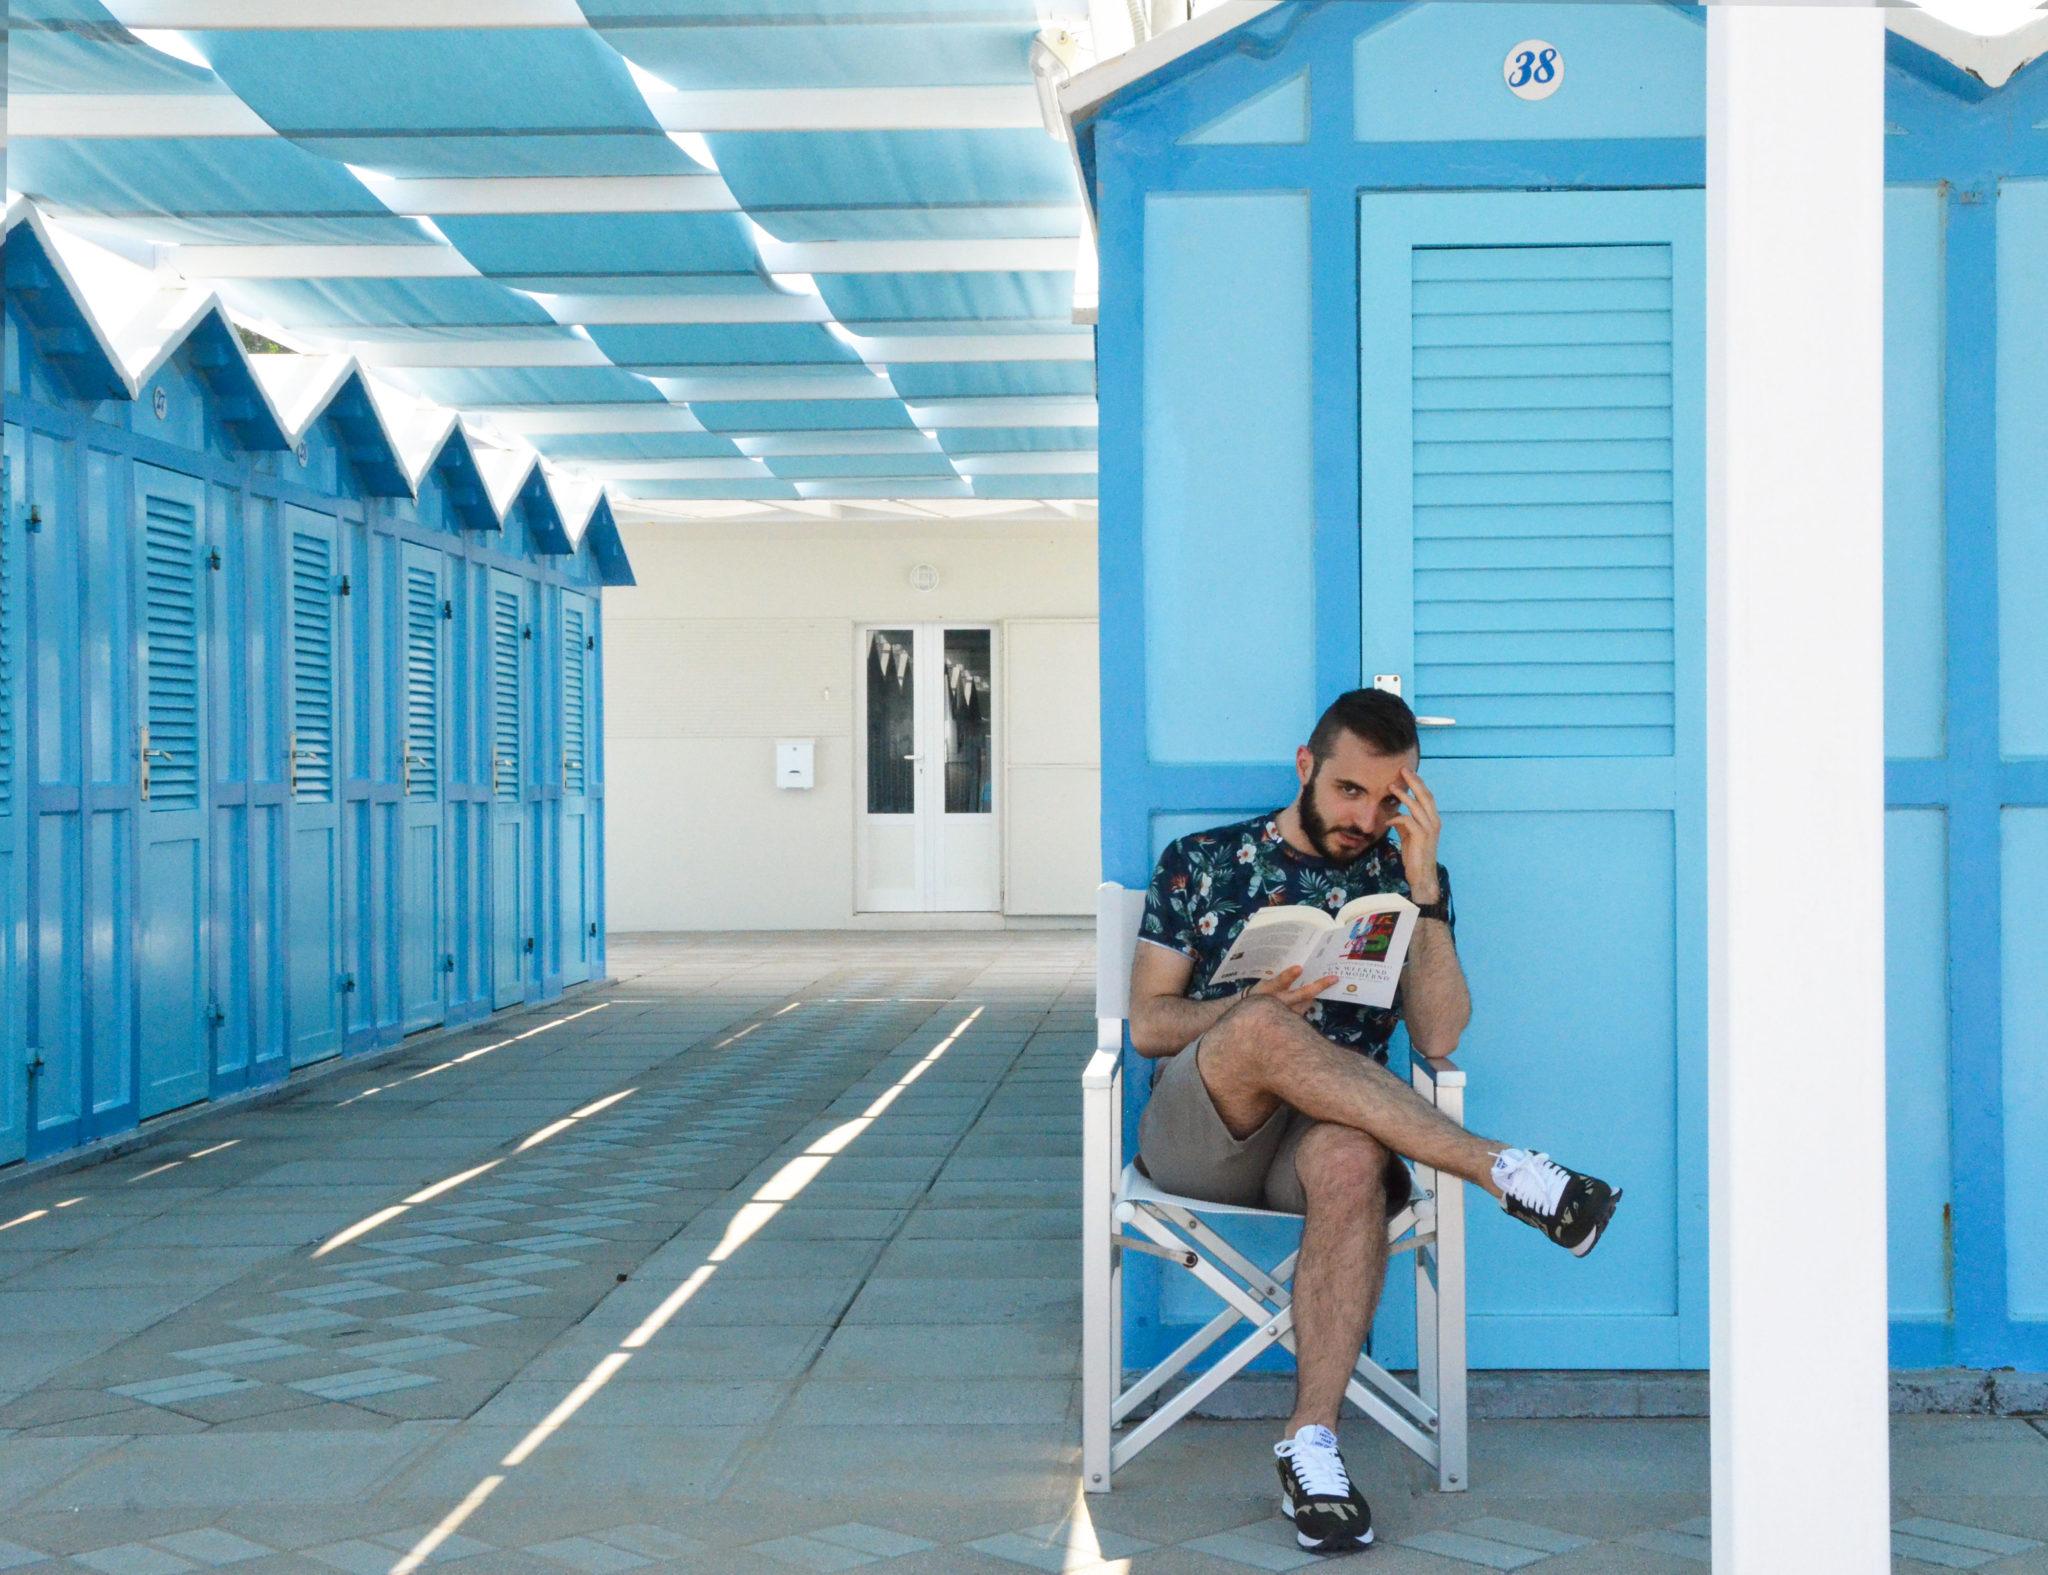 Riccione è meta di vacanza ma anche di letteratura. Da Pier Vittorio Tondelli a Fellini, 5 libri da portarvi sotto l'ombrellone ambientati proprio qui